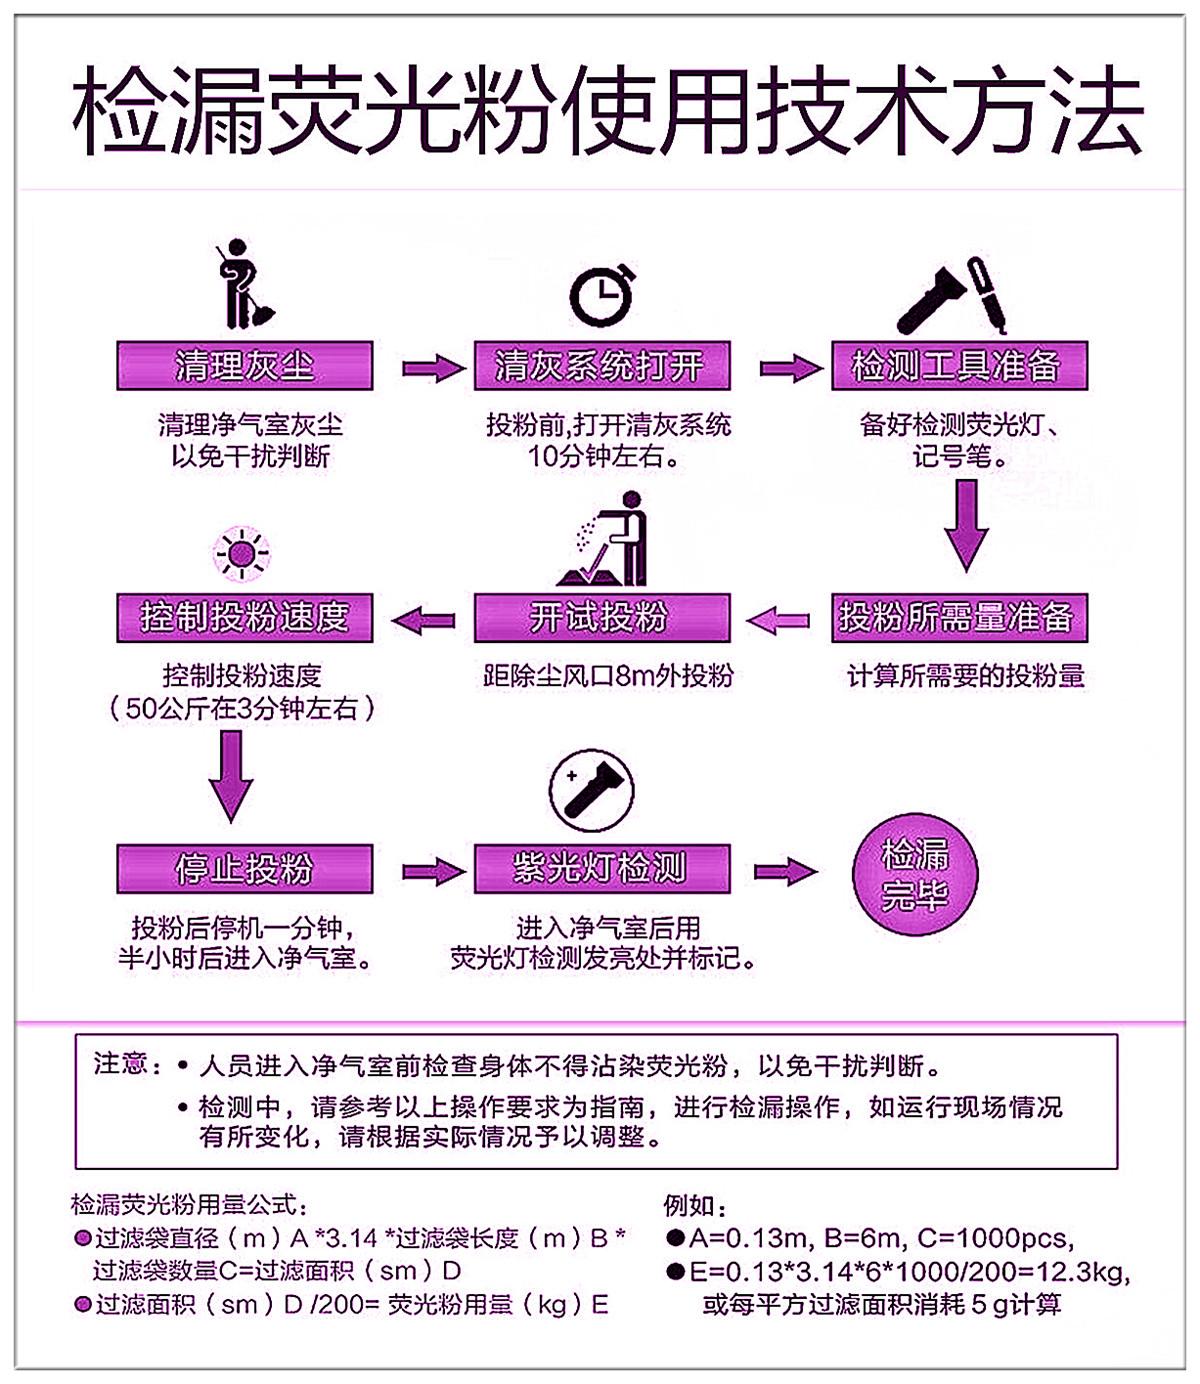 荧光粉用法.jpg